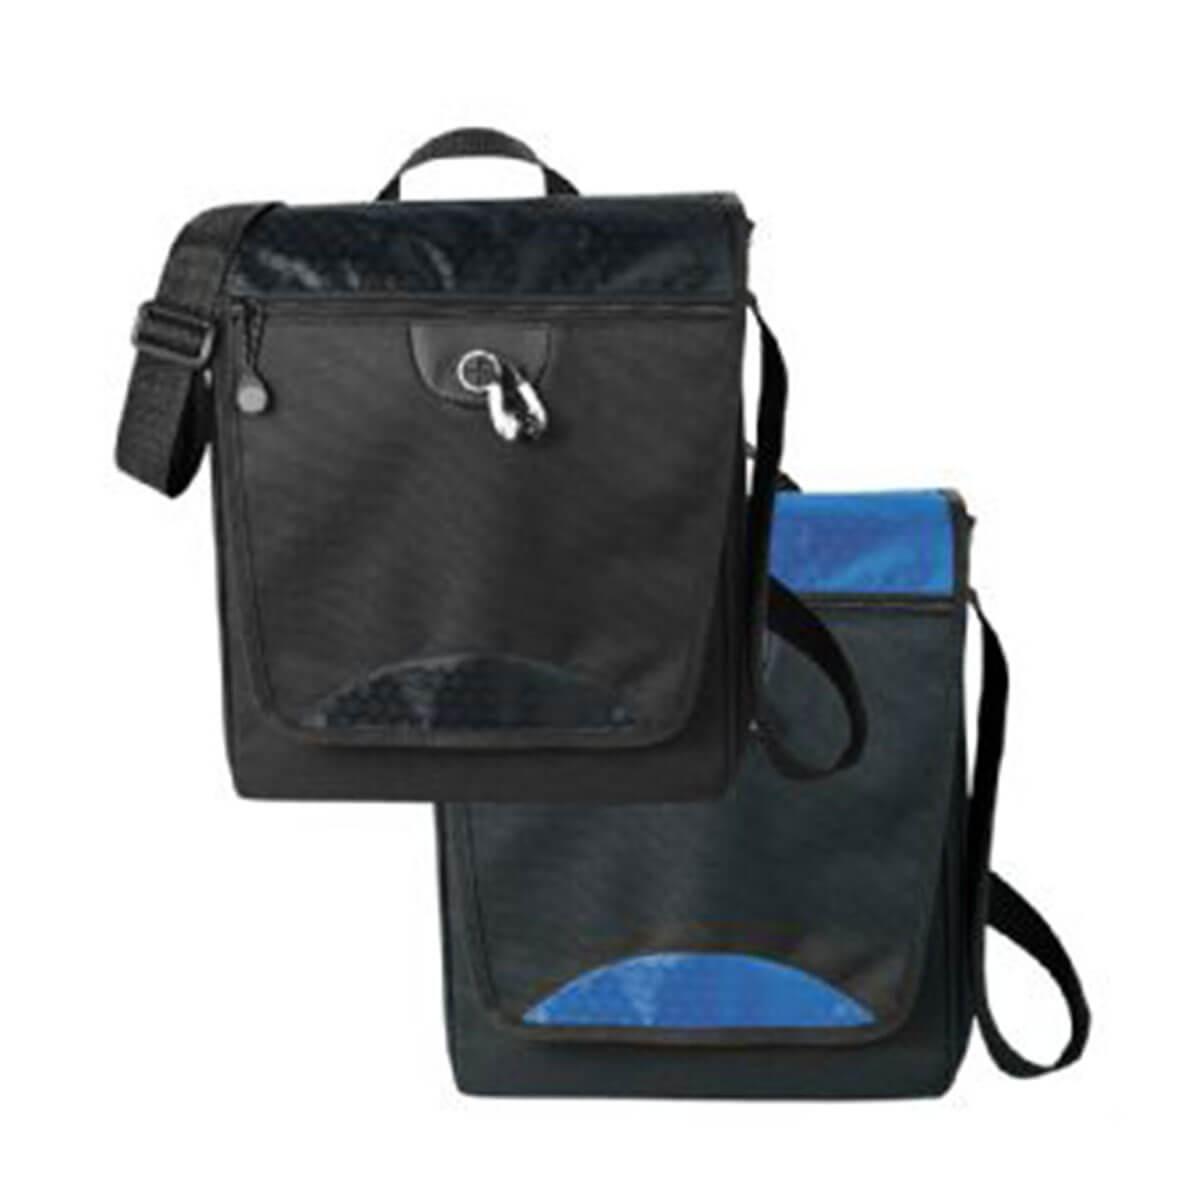 Hive Tablet Messenger Bag-Black